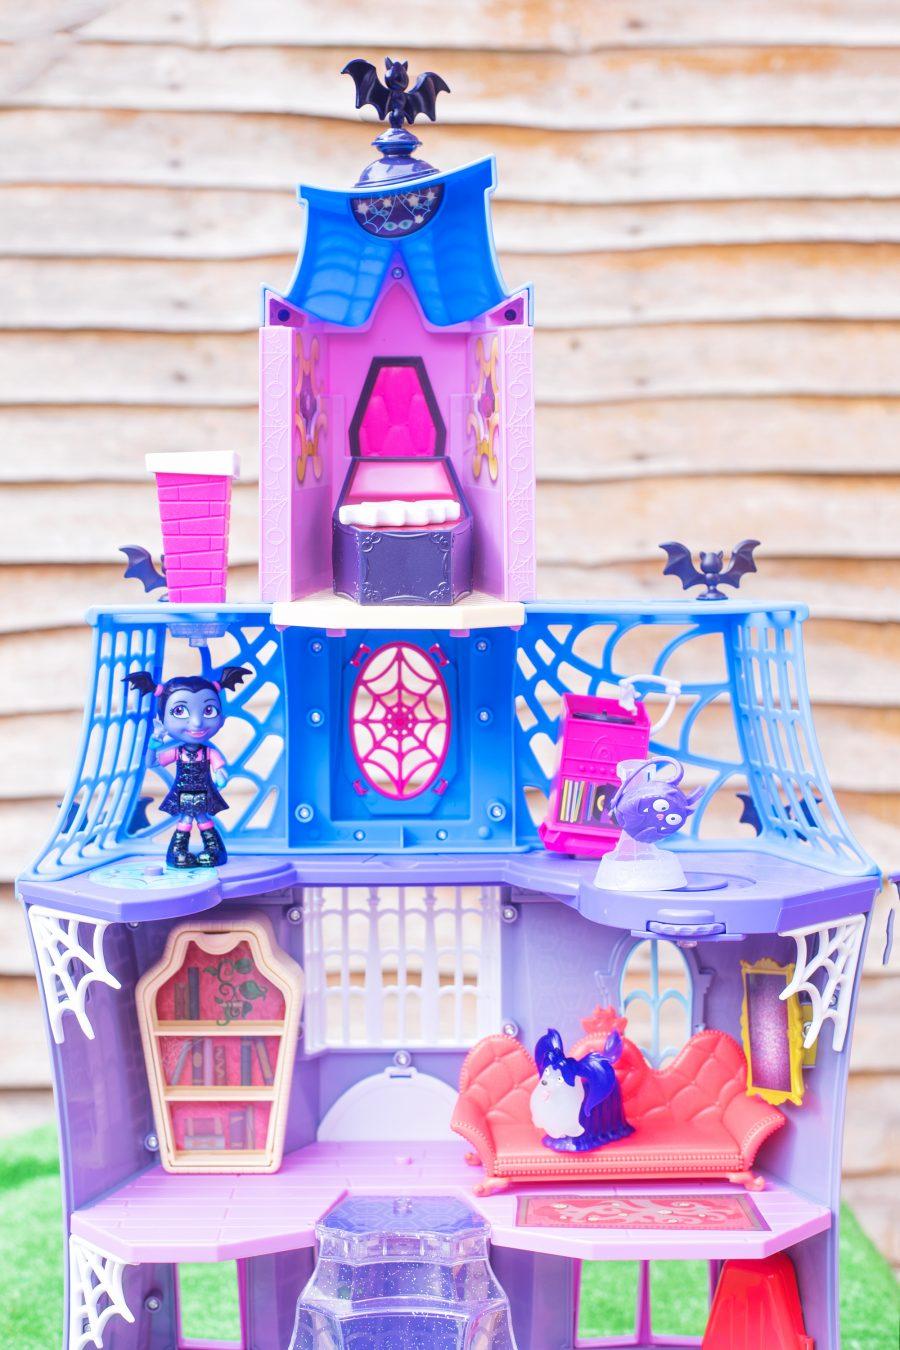 Disney Junior Vampirina Toys